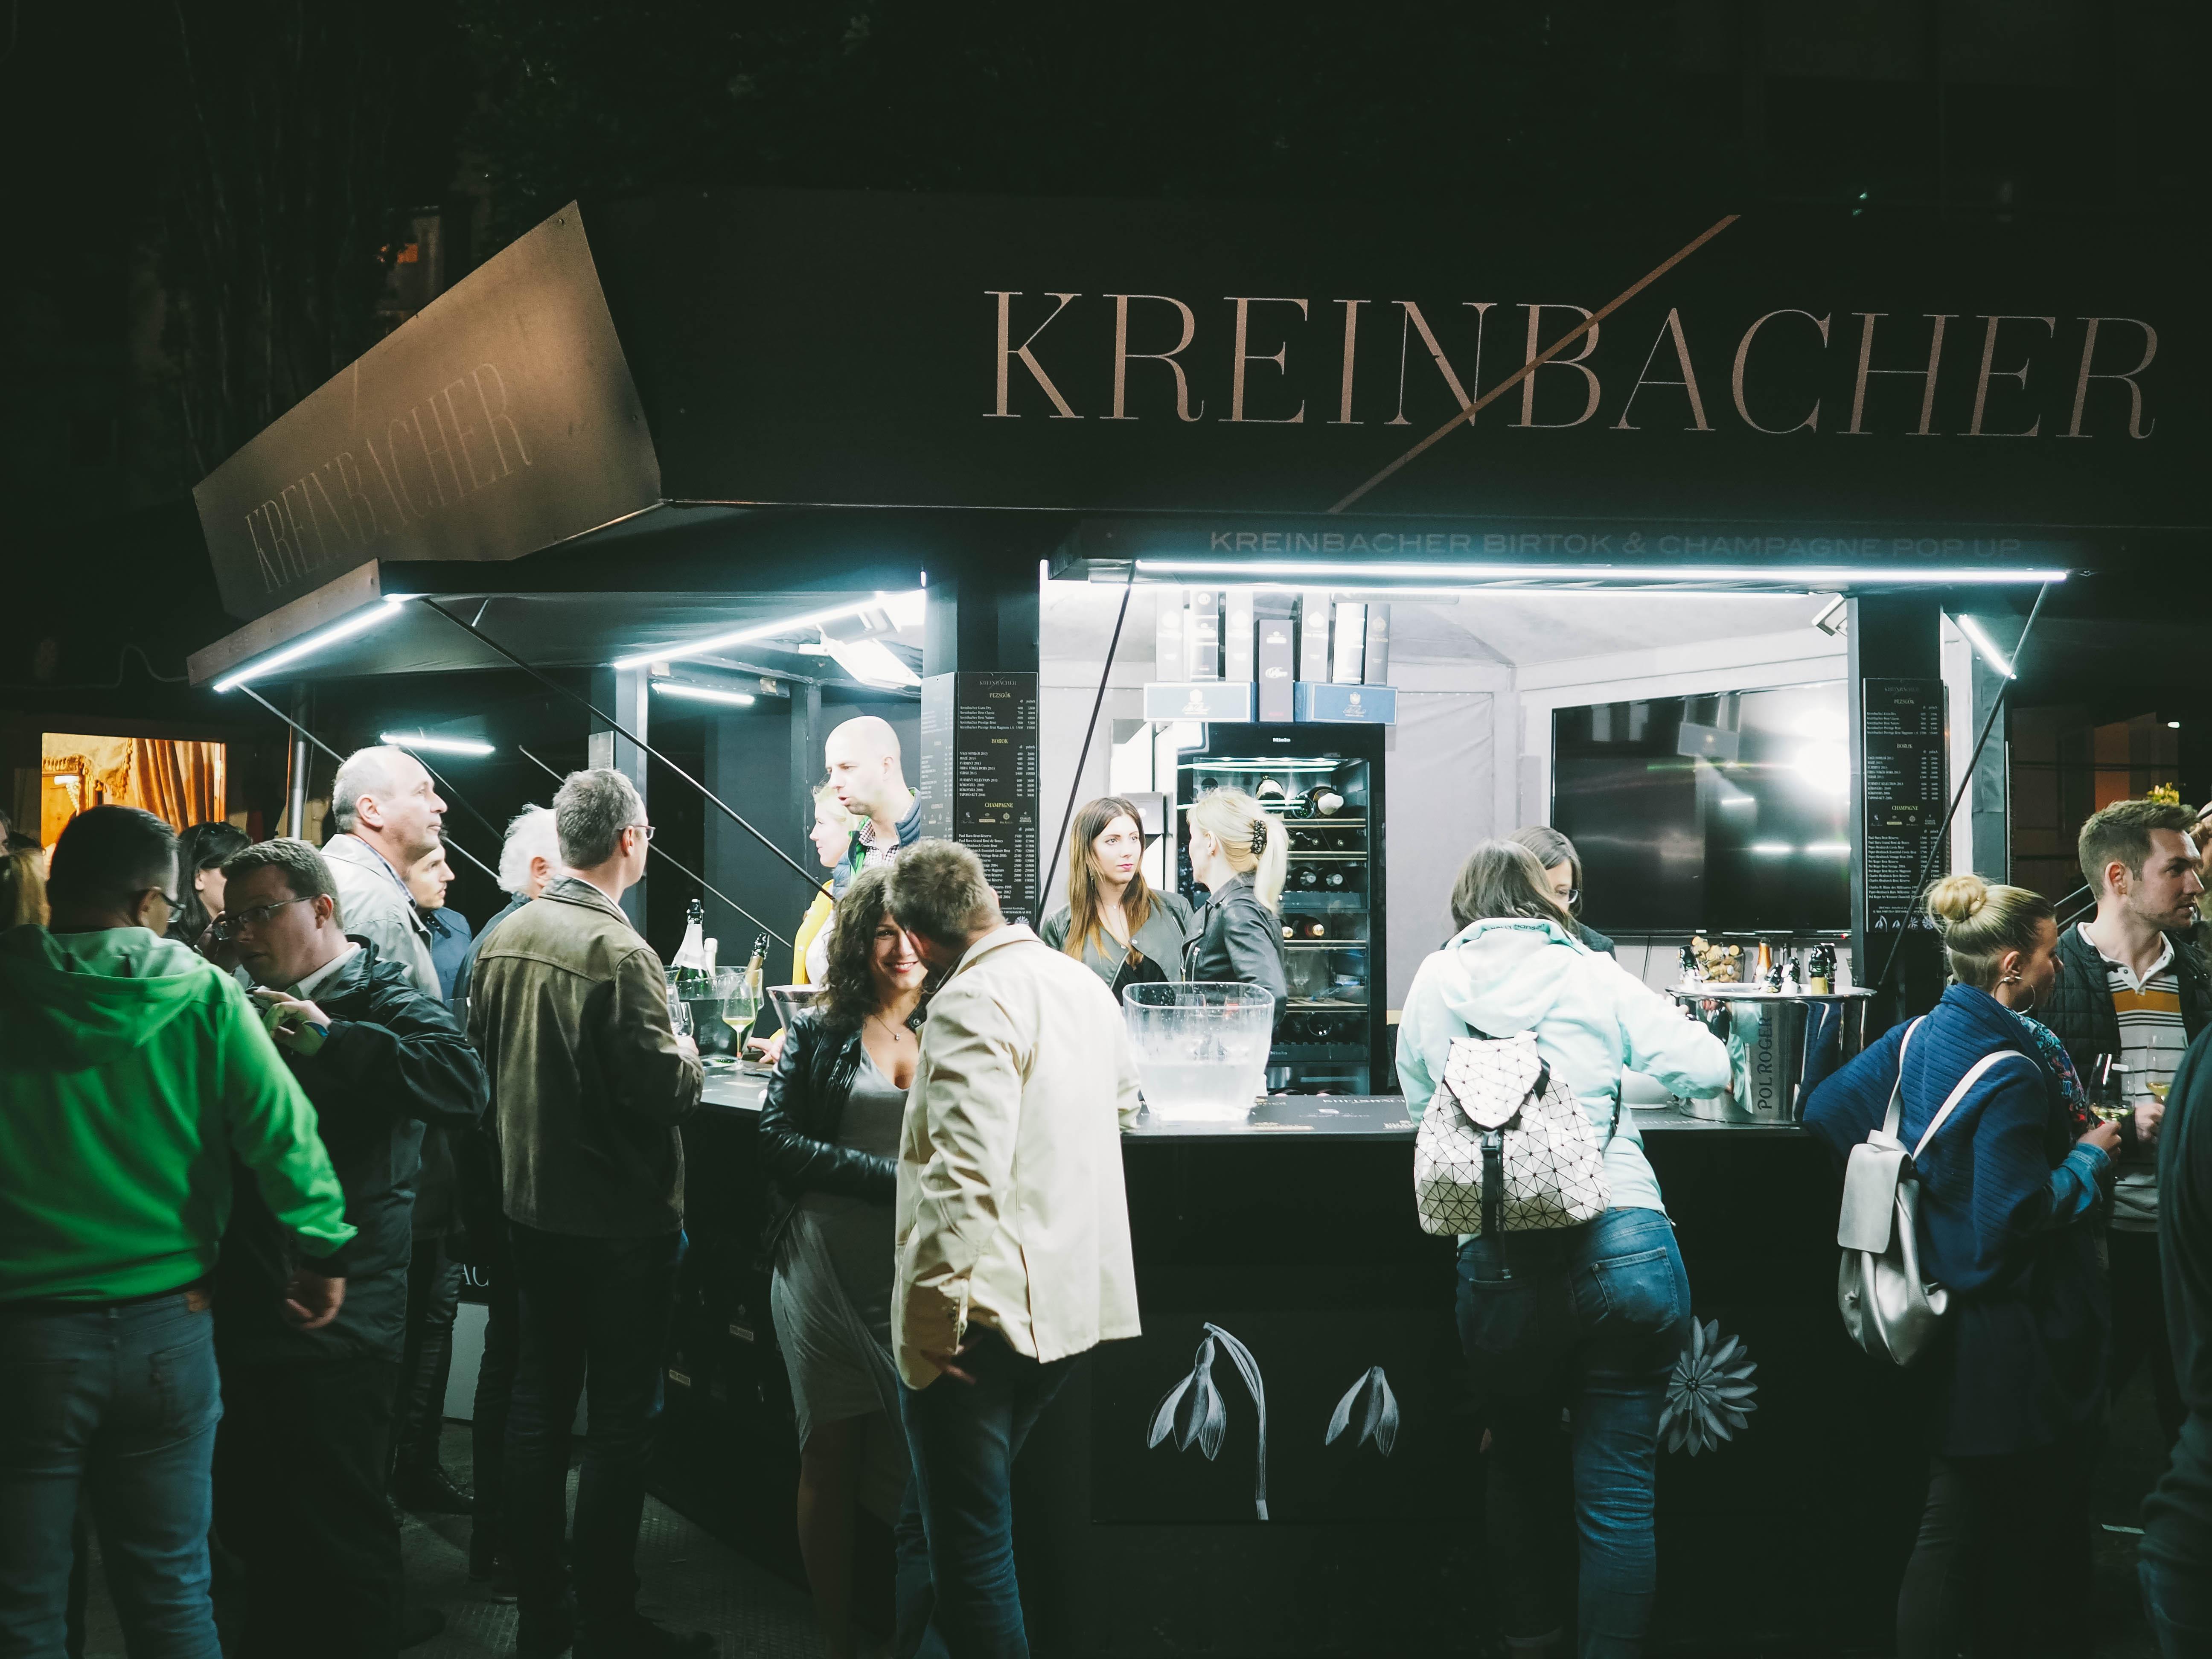 Kreinbacher